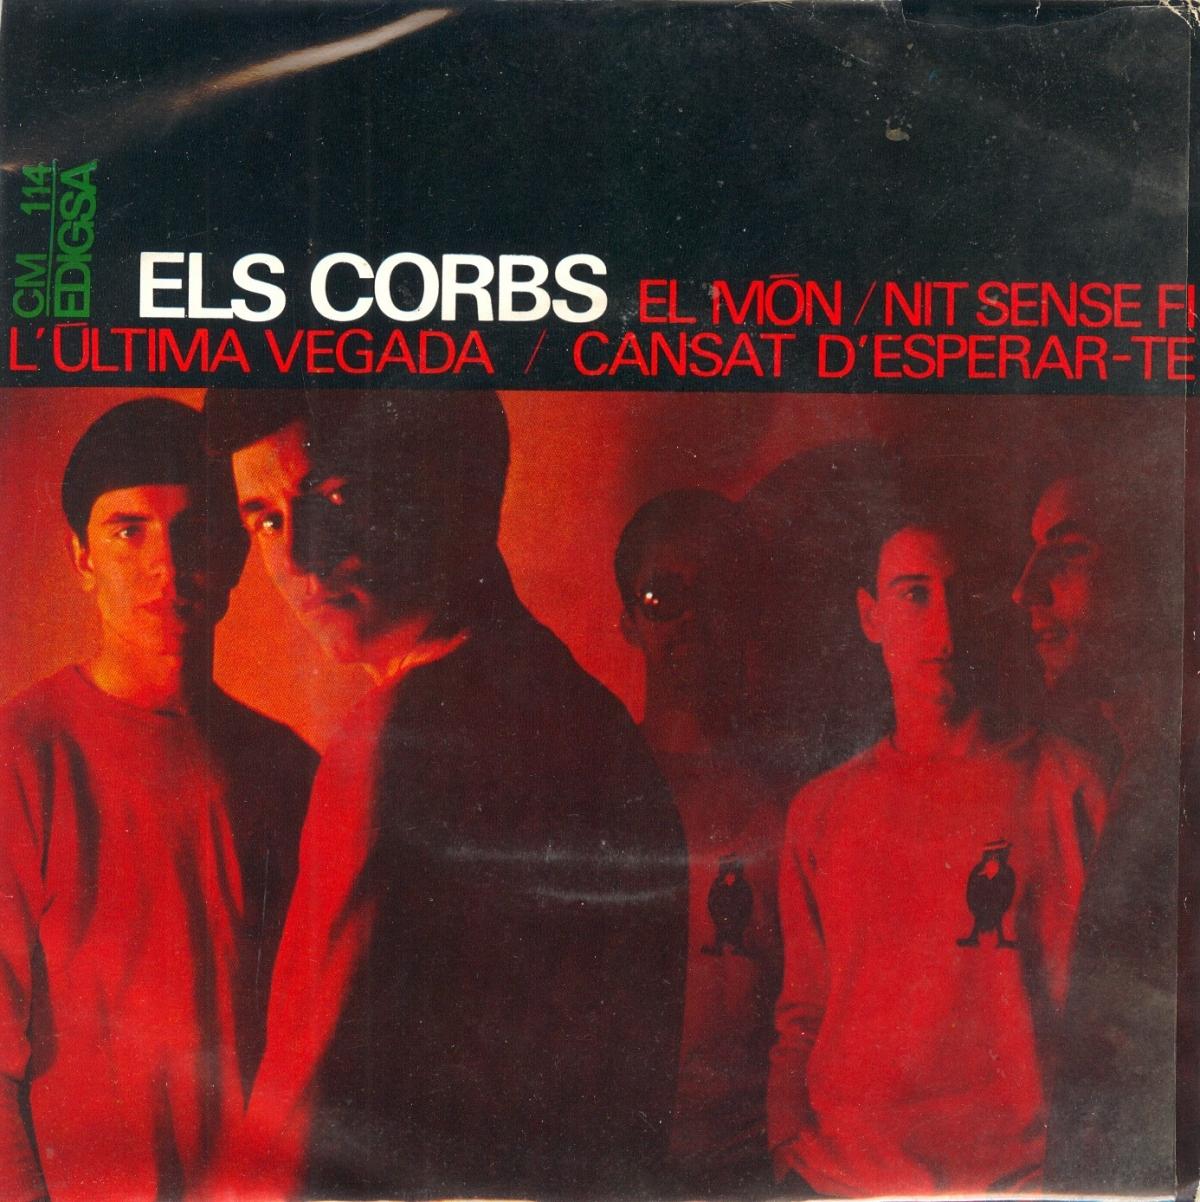 La portada del disc de 1965 d'Els Corbs